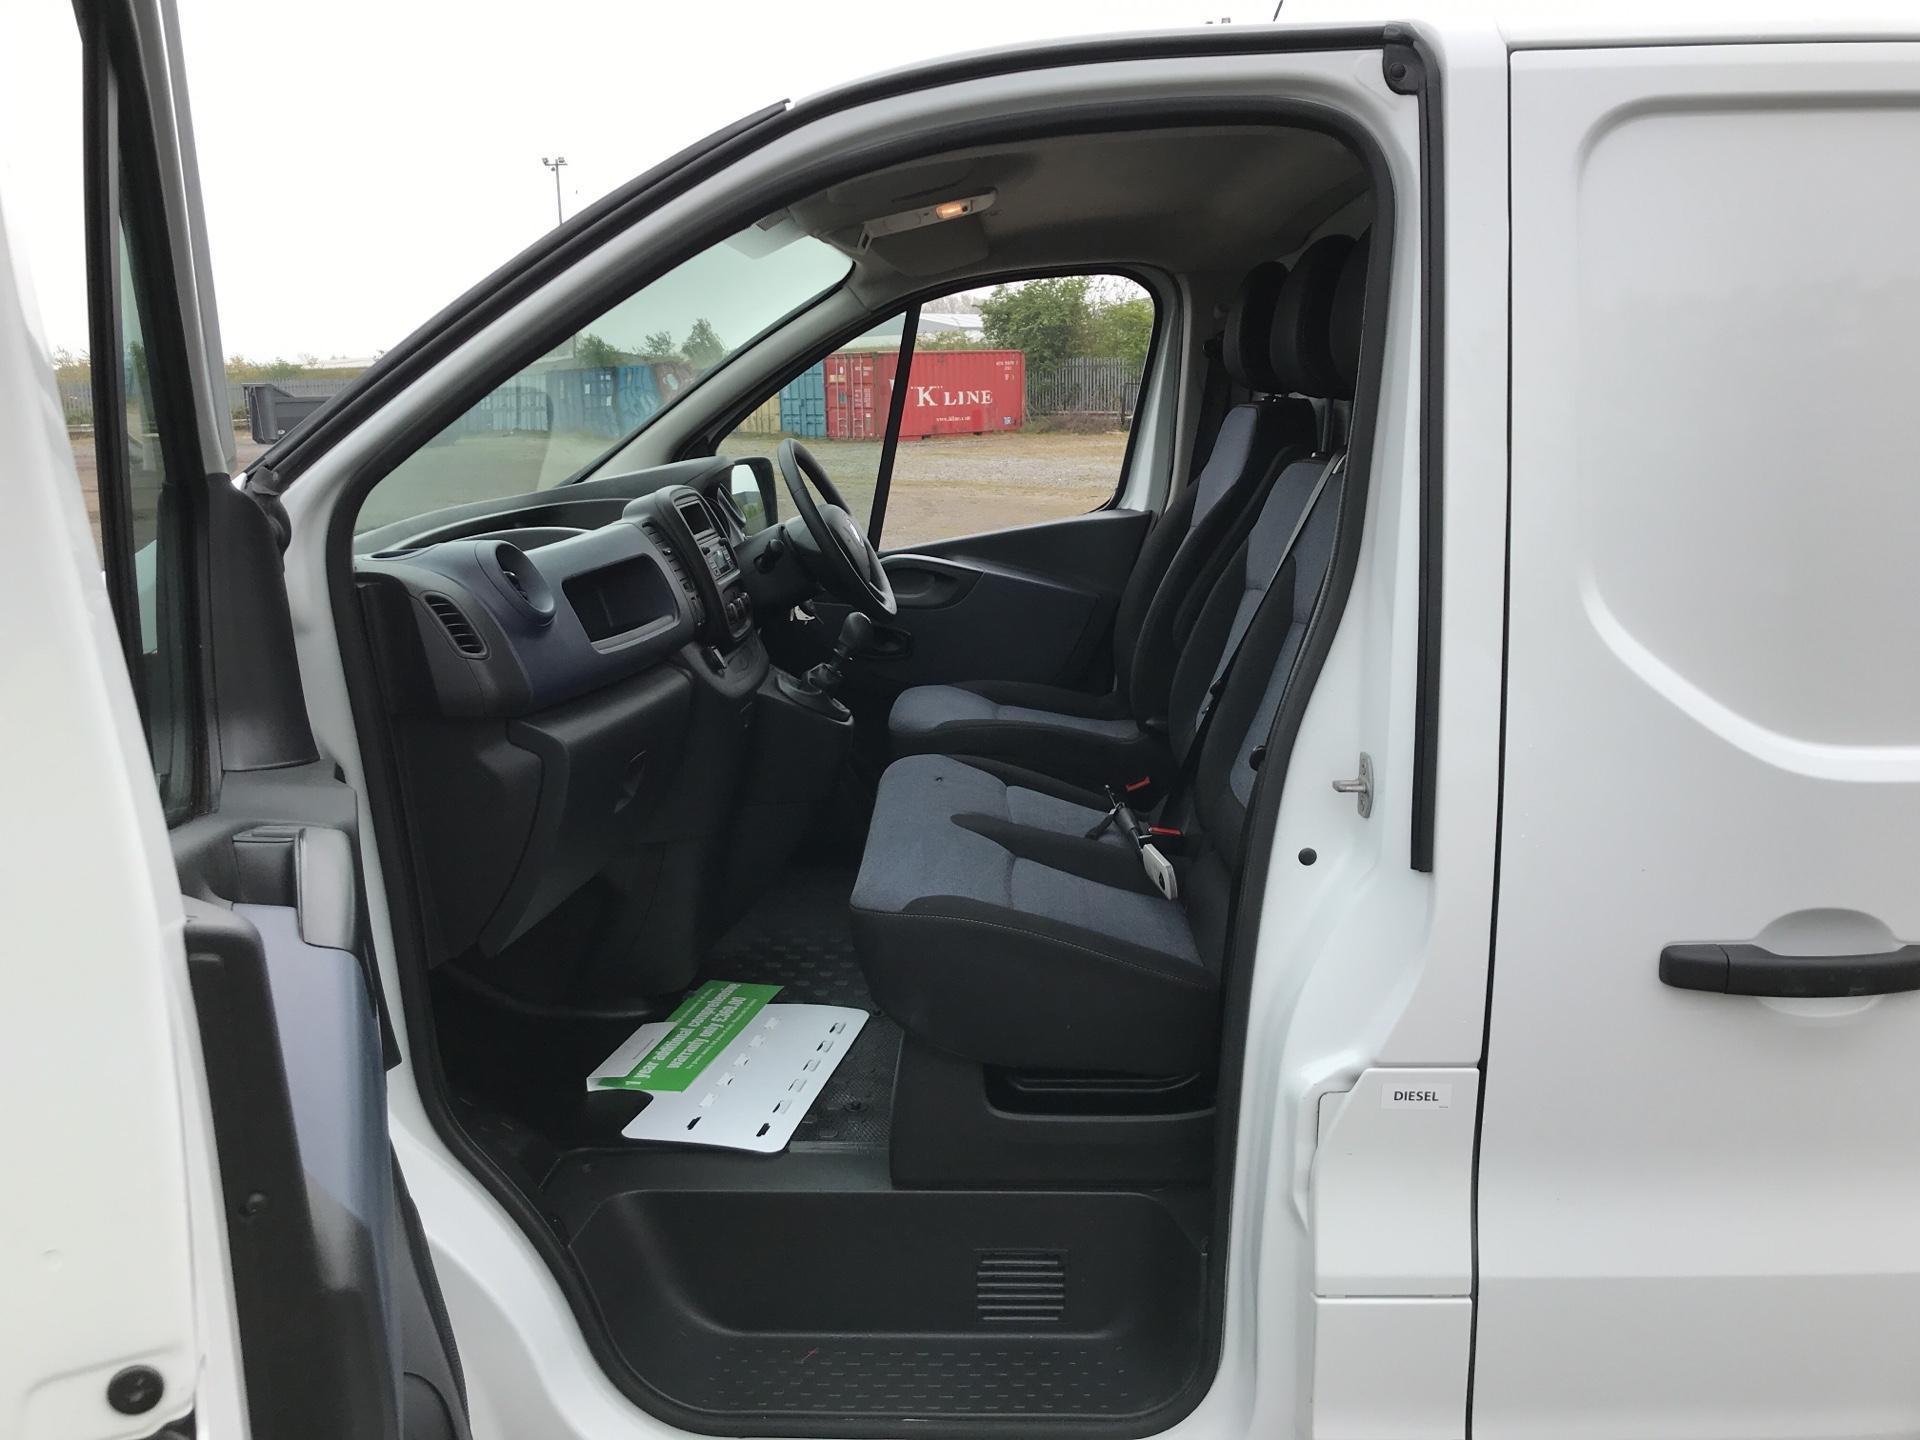 2017 Vauxhall Vivaro L2 H1 2900 1.6CDTI 120PS EURO 6 (DV67LTZ) Image 14